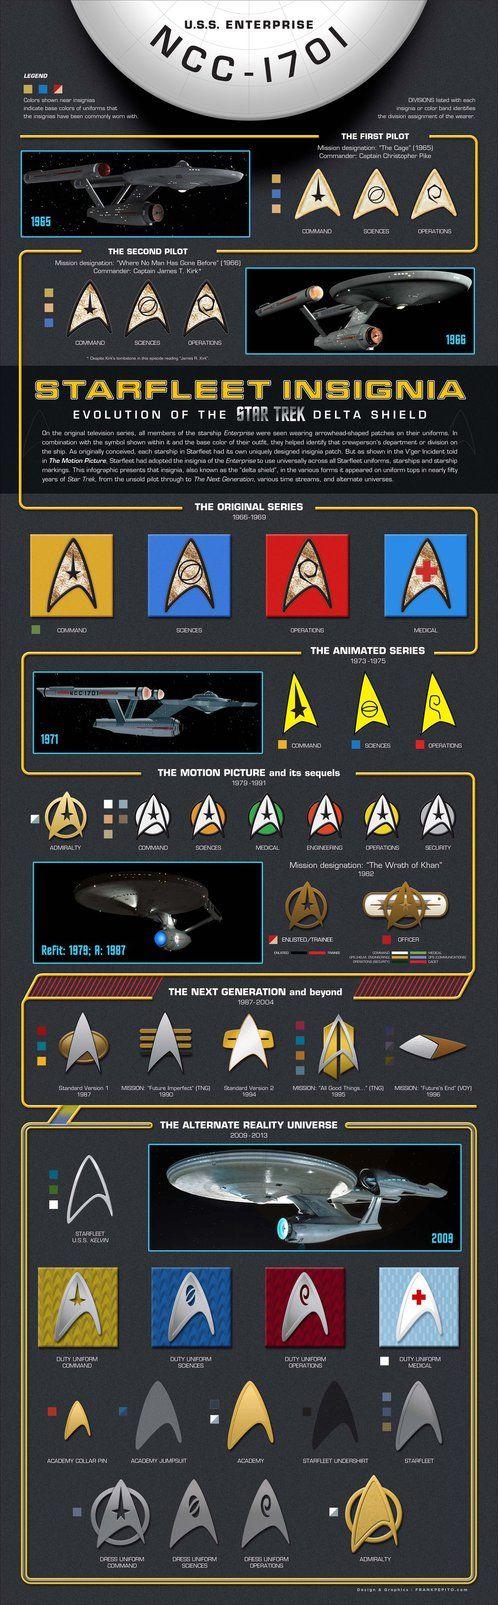 Starfleet Insignia: The Star Trek Delta Shield by YodaMaker on DeviantArt